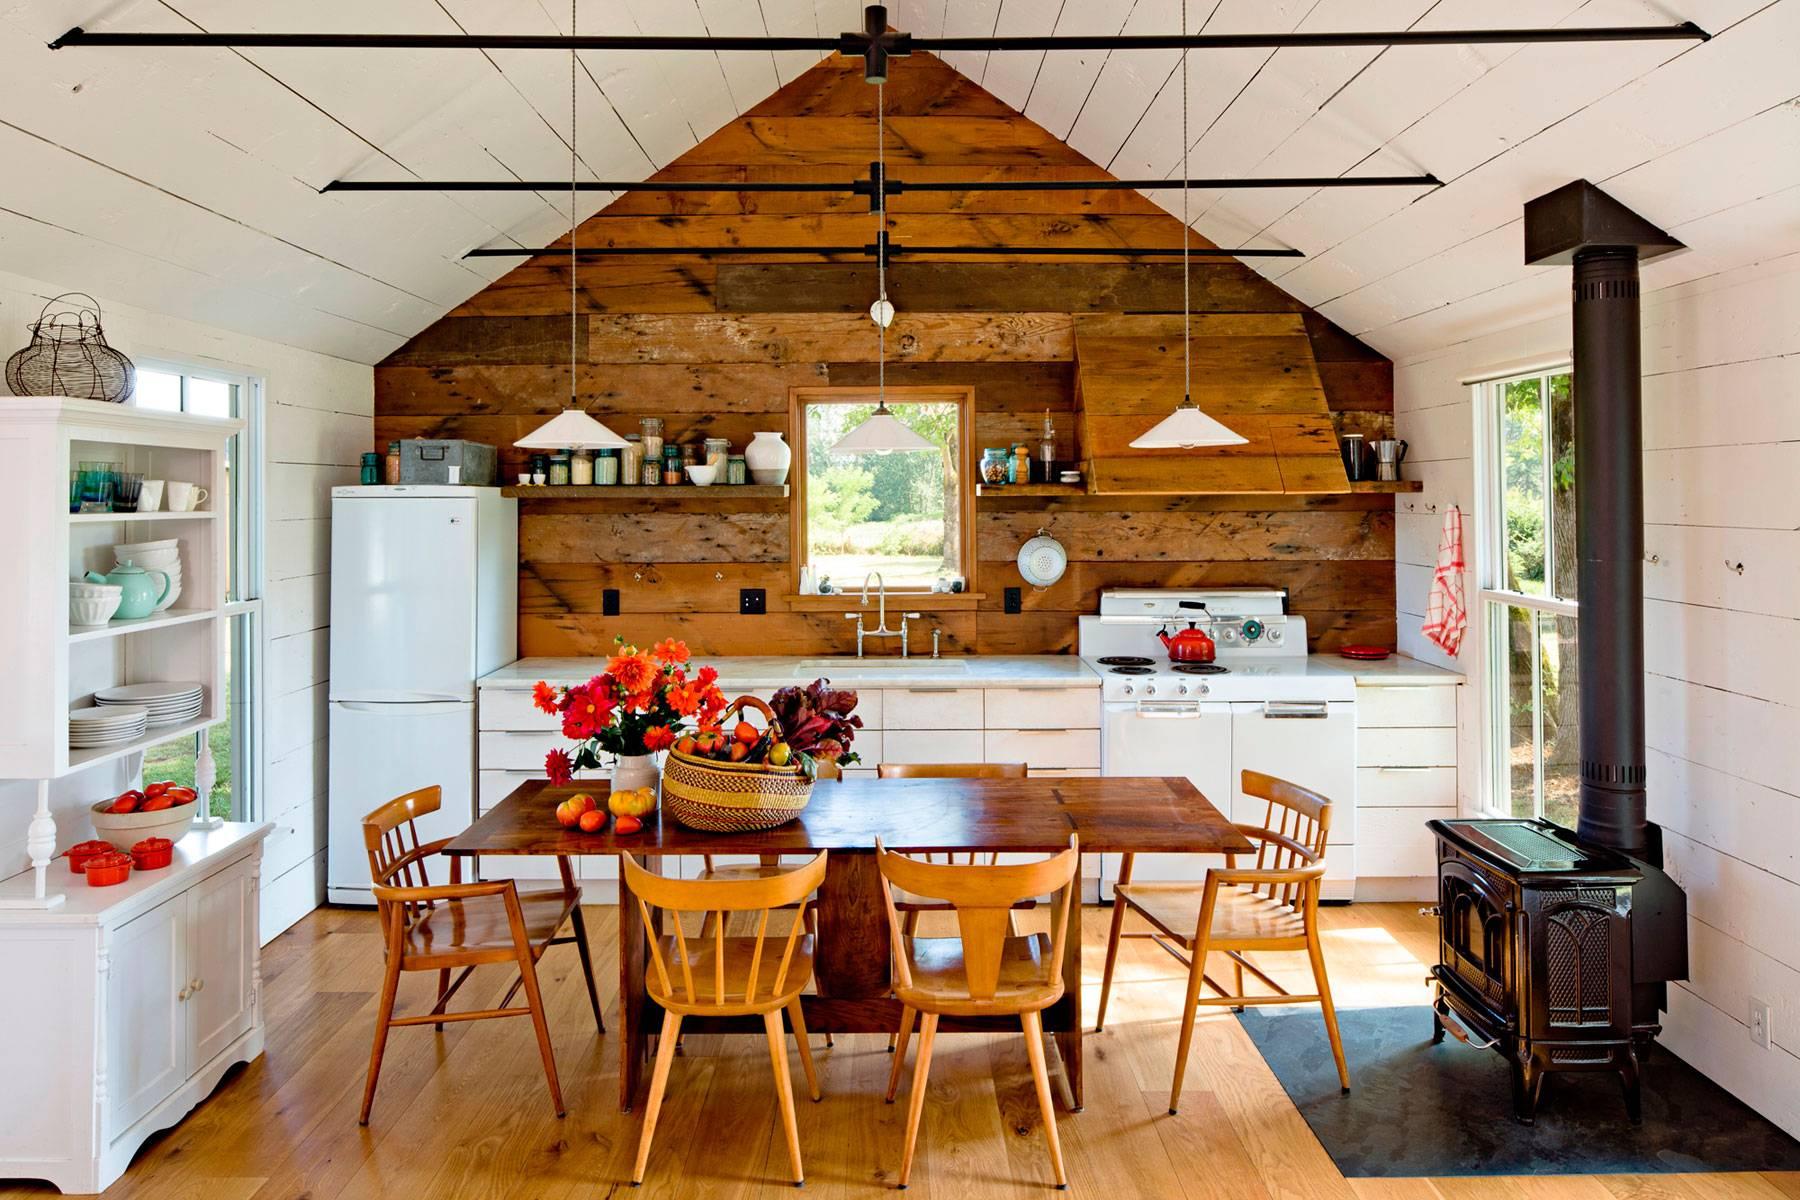 cozy home designs home design ideas cozy home interior design - Cozy Home Designs